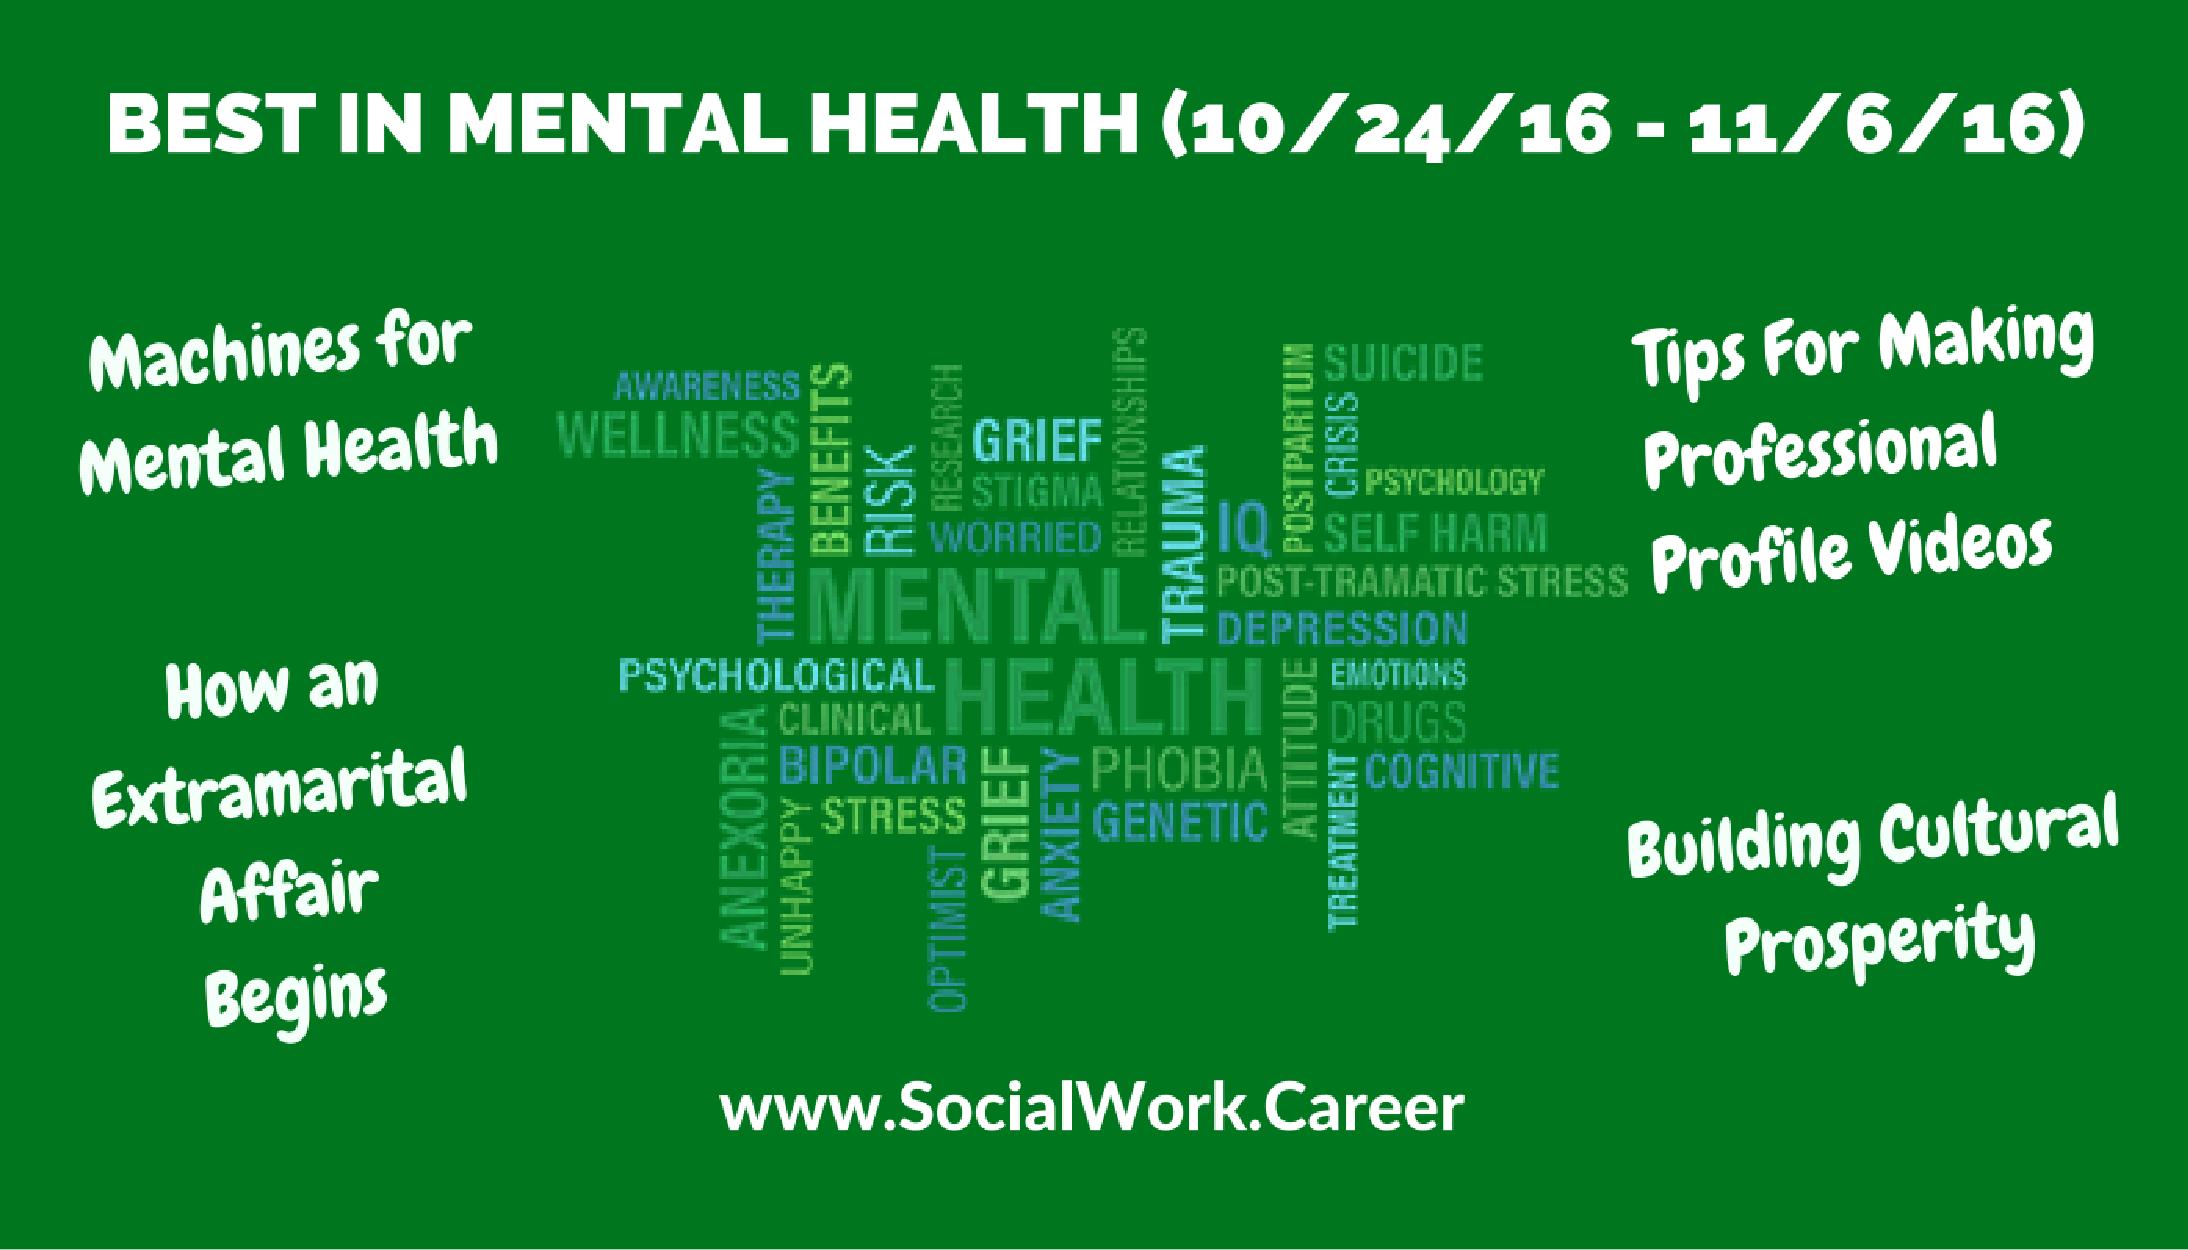 Best in Mental Health Nov 2016